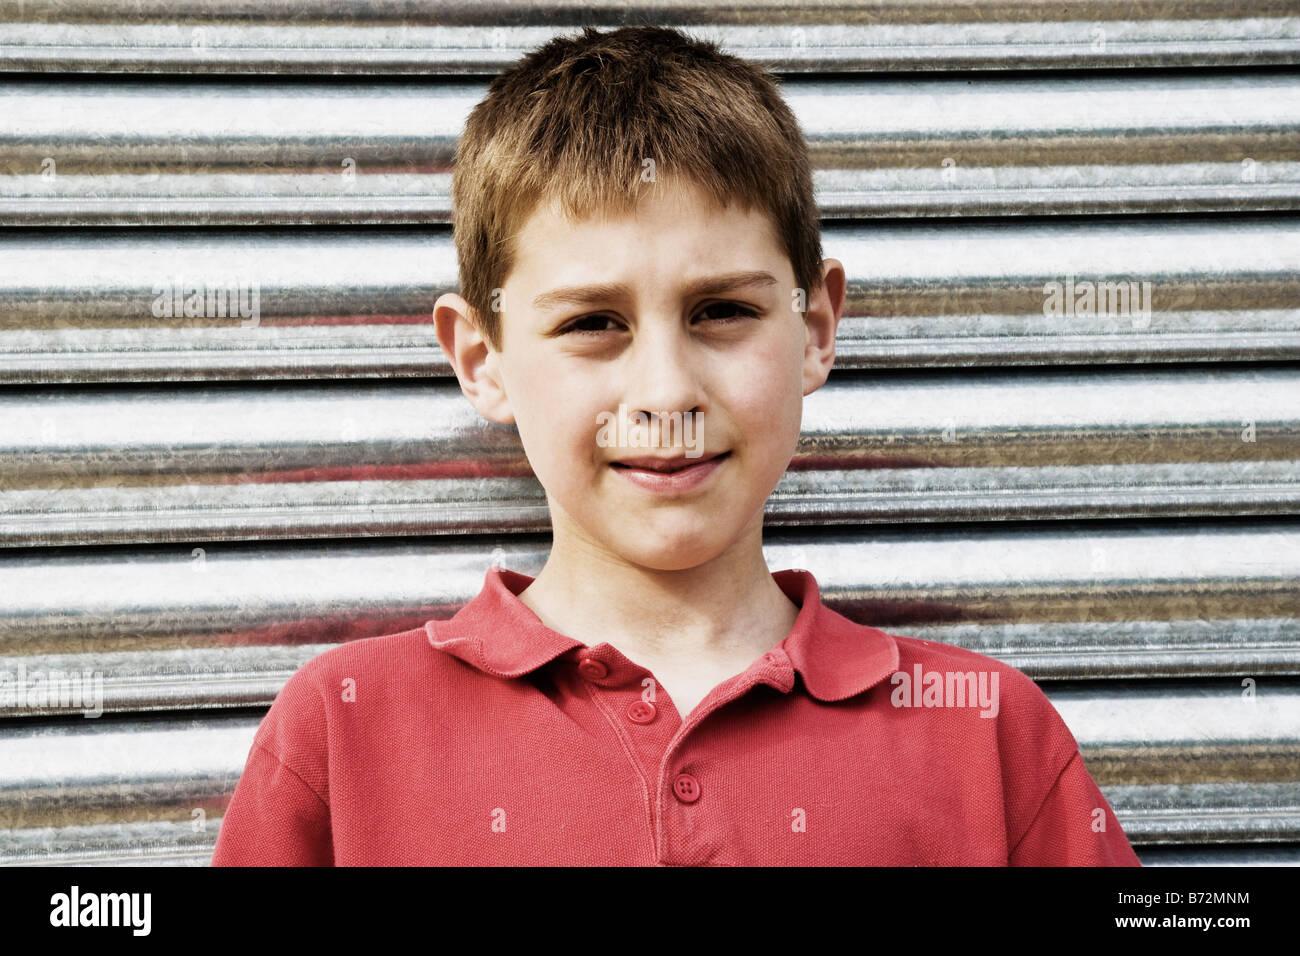 Boy standing in front of garage door - Stock Image